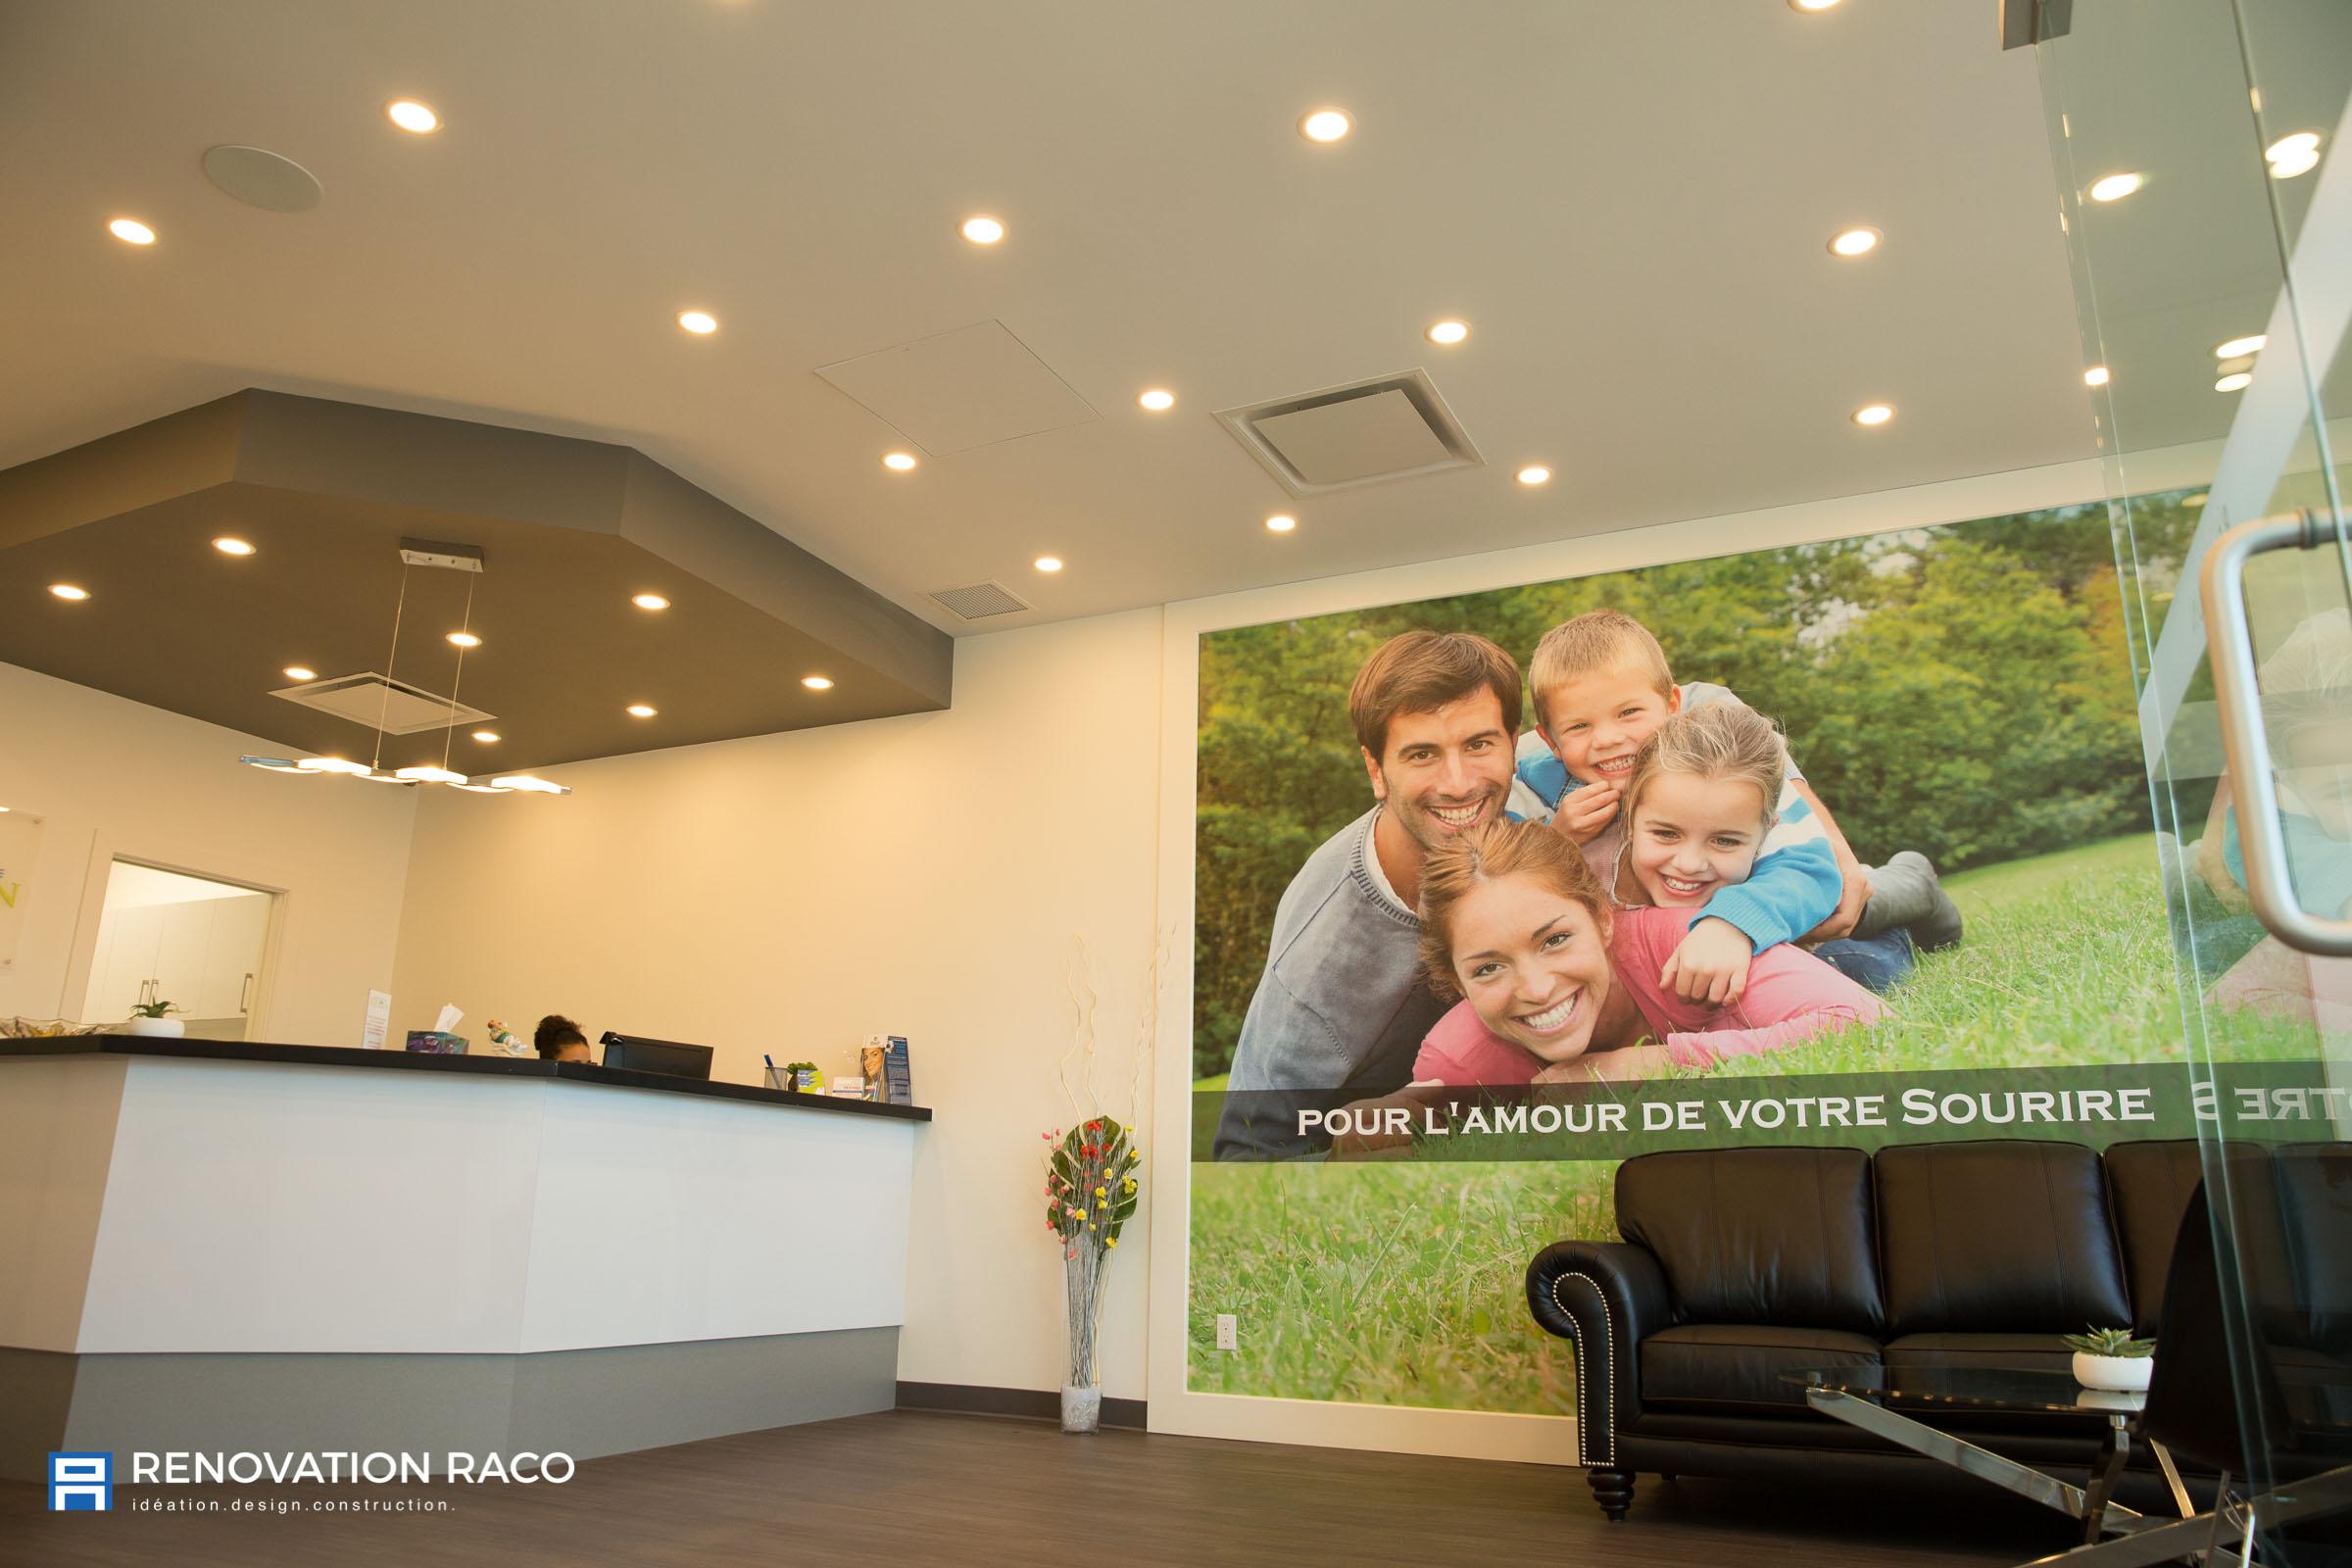 Renovation-Raco-Montreal-clinique Beydoun-02.jpg